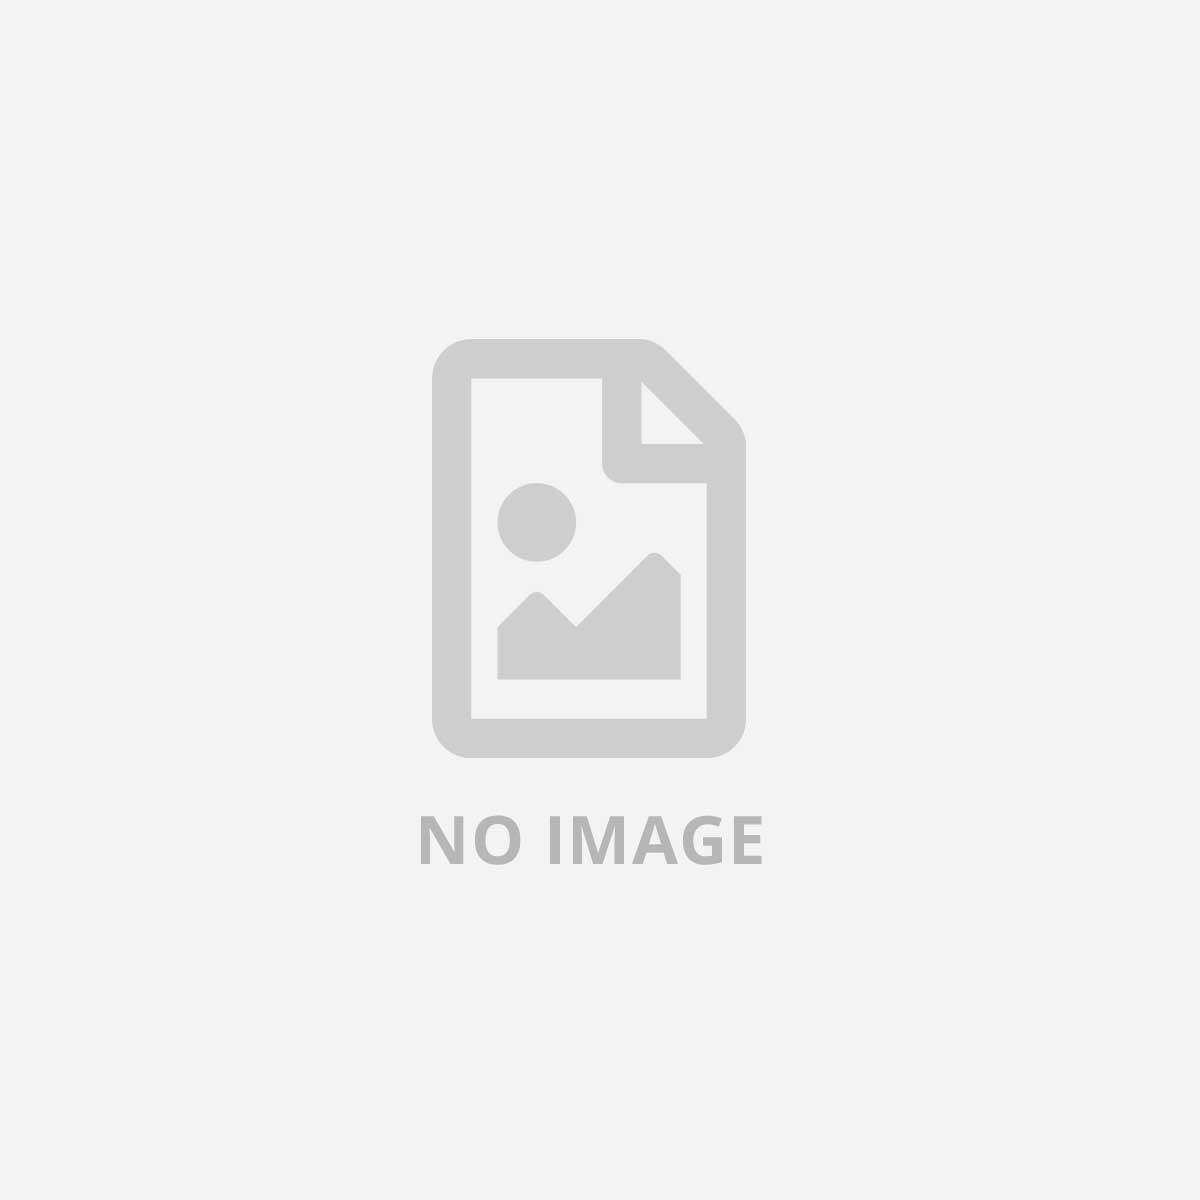 VIA TECHNOLOGIES MICRO PC VIA NANO 1.2GHZ W/HDMI